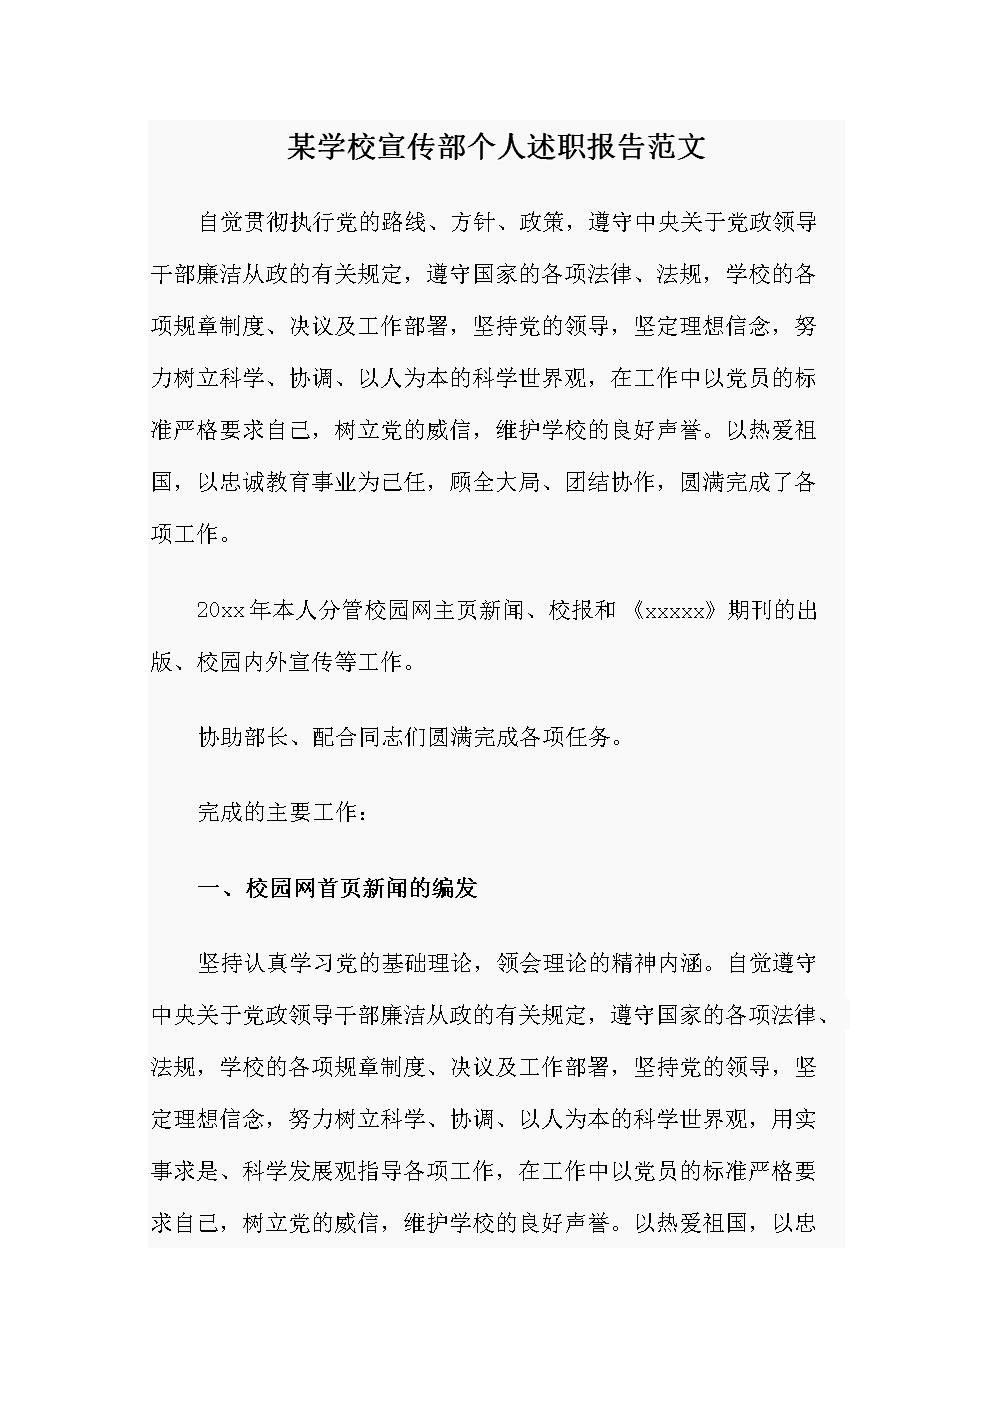 某学校宣传部个人述职报告范文.doc